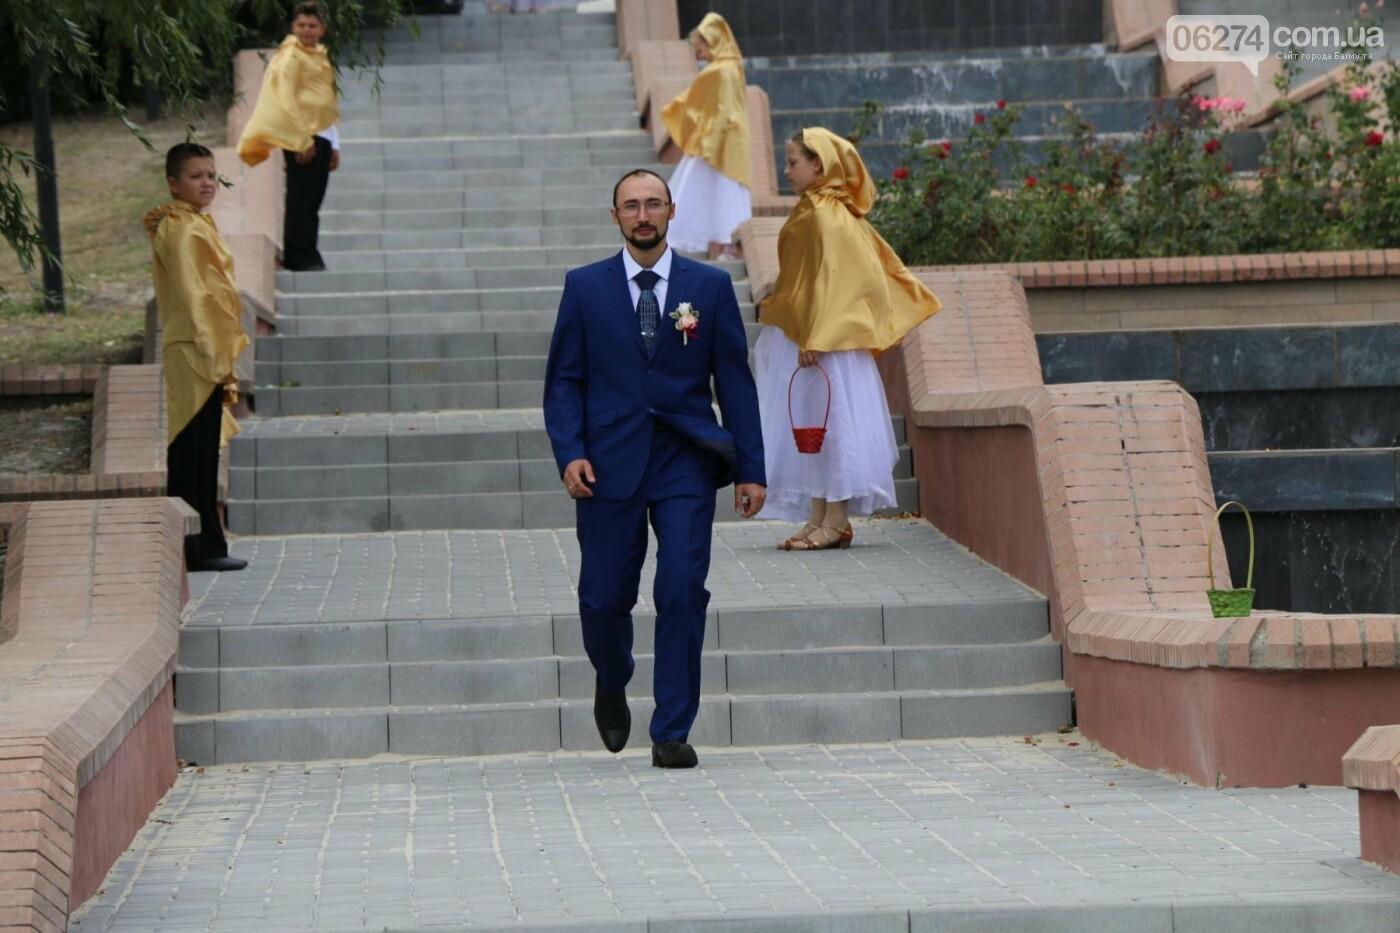 В День города в Бахмуте расписались три пары, фото-1